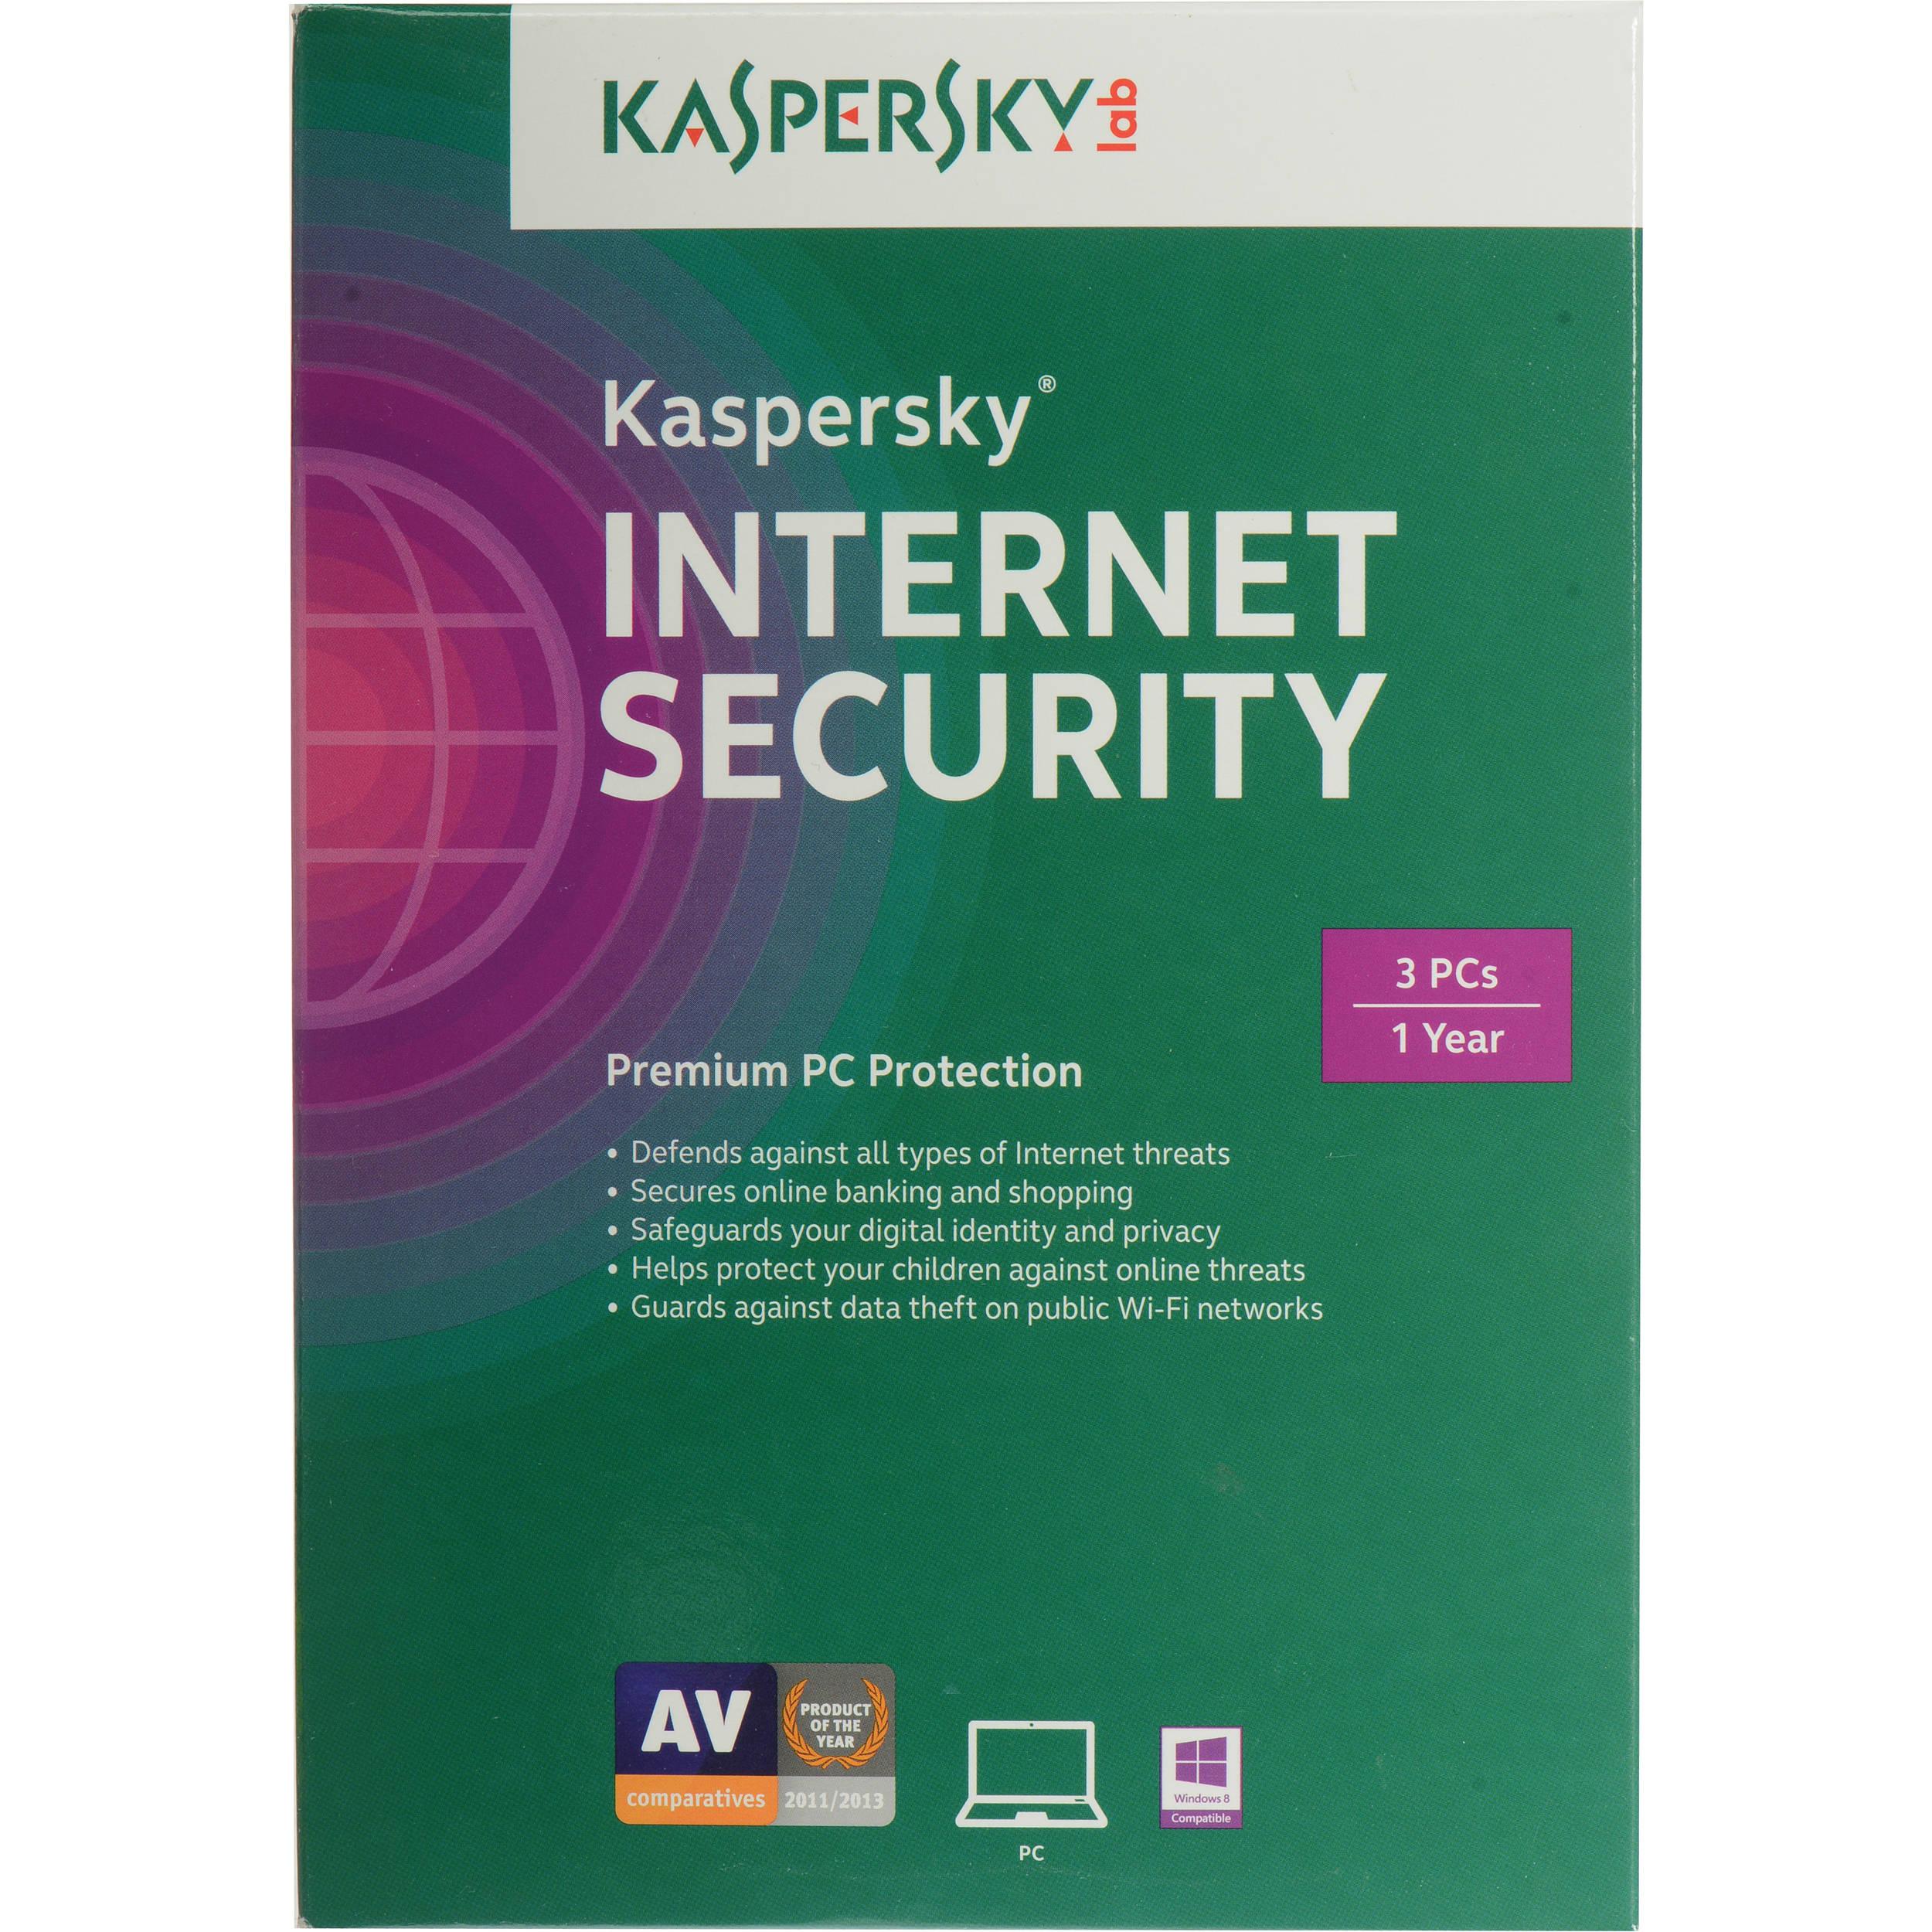 essayer kaspersky internet security Kaspersky internet security, free and safe download kaspersky internet security latest version: kaspersky internet security kaspersky internet security is an.